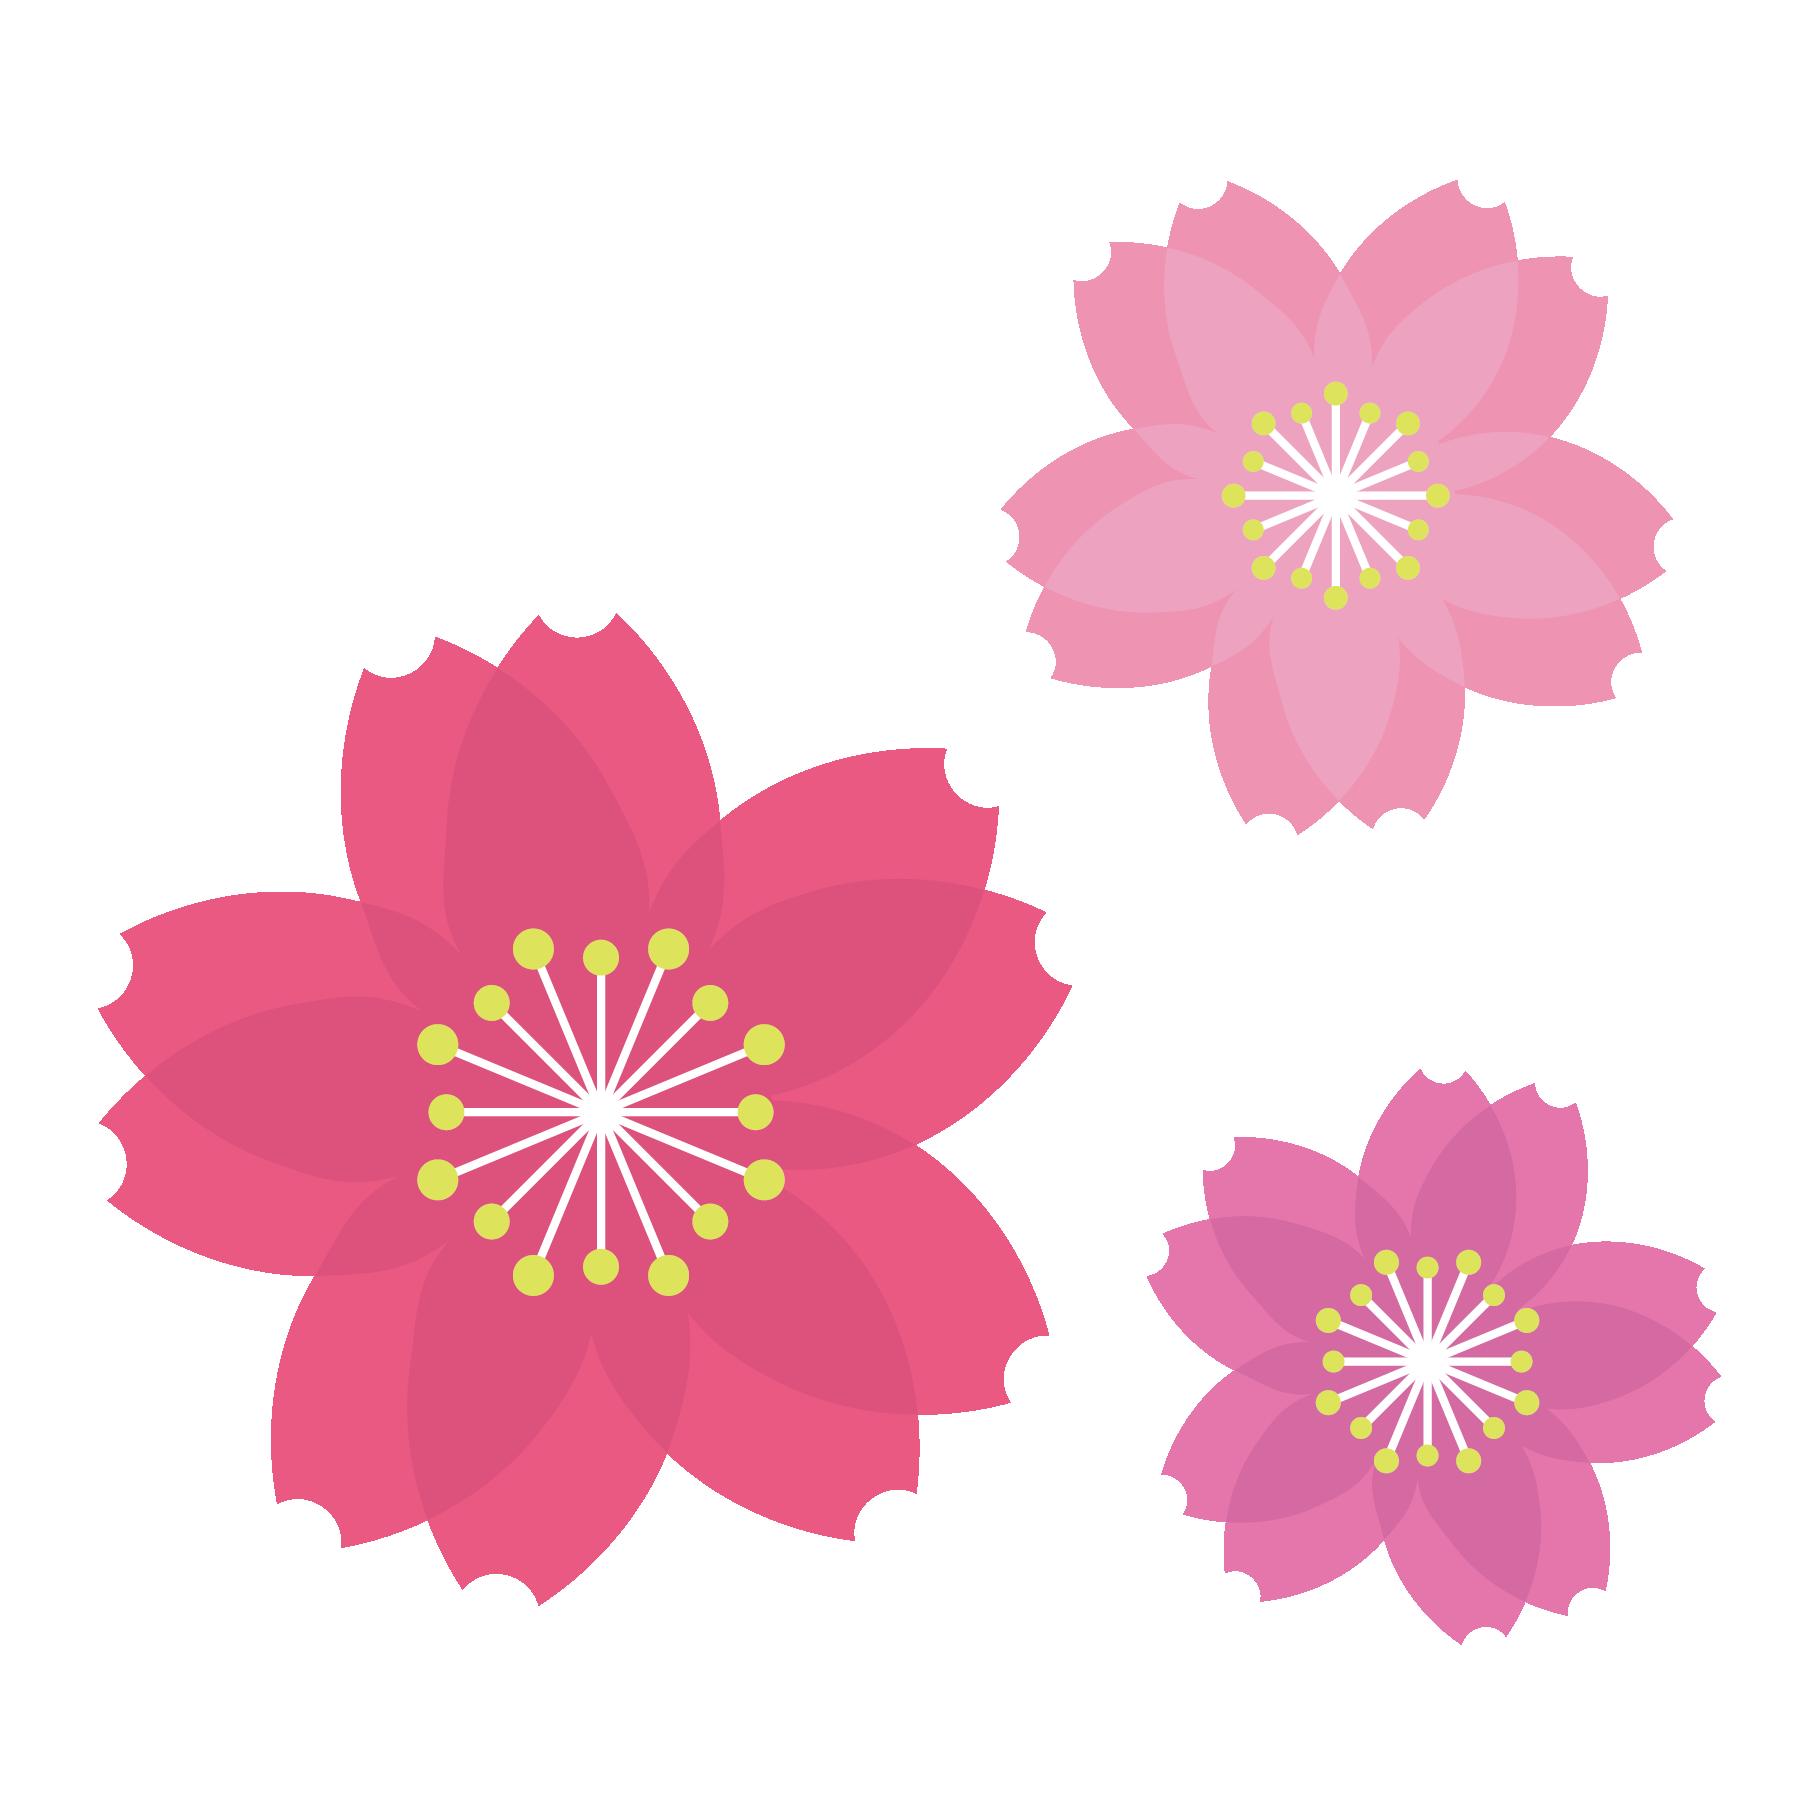 「桜 素材」の画像検索結果